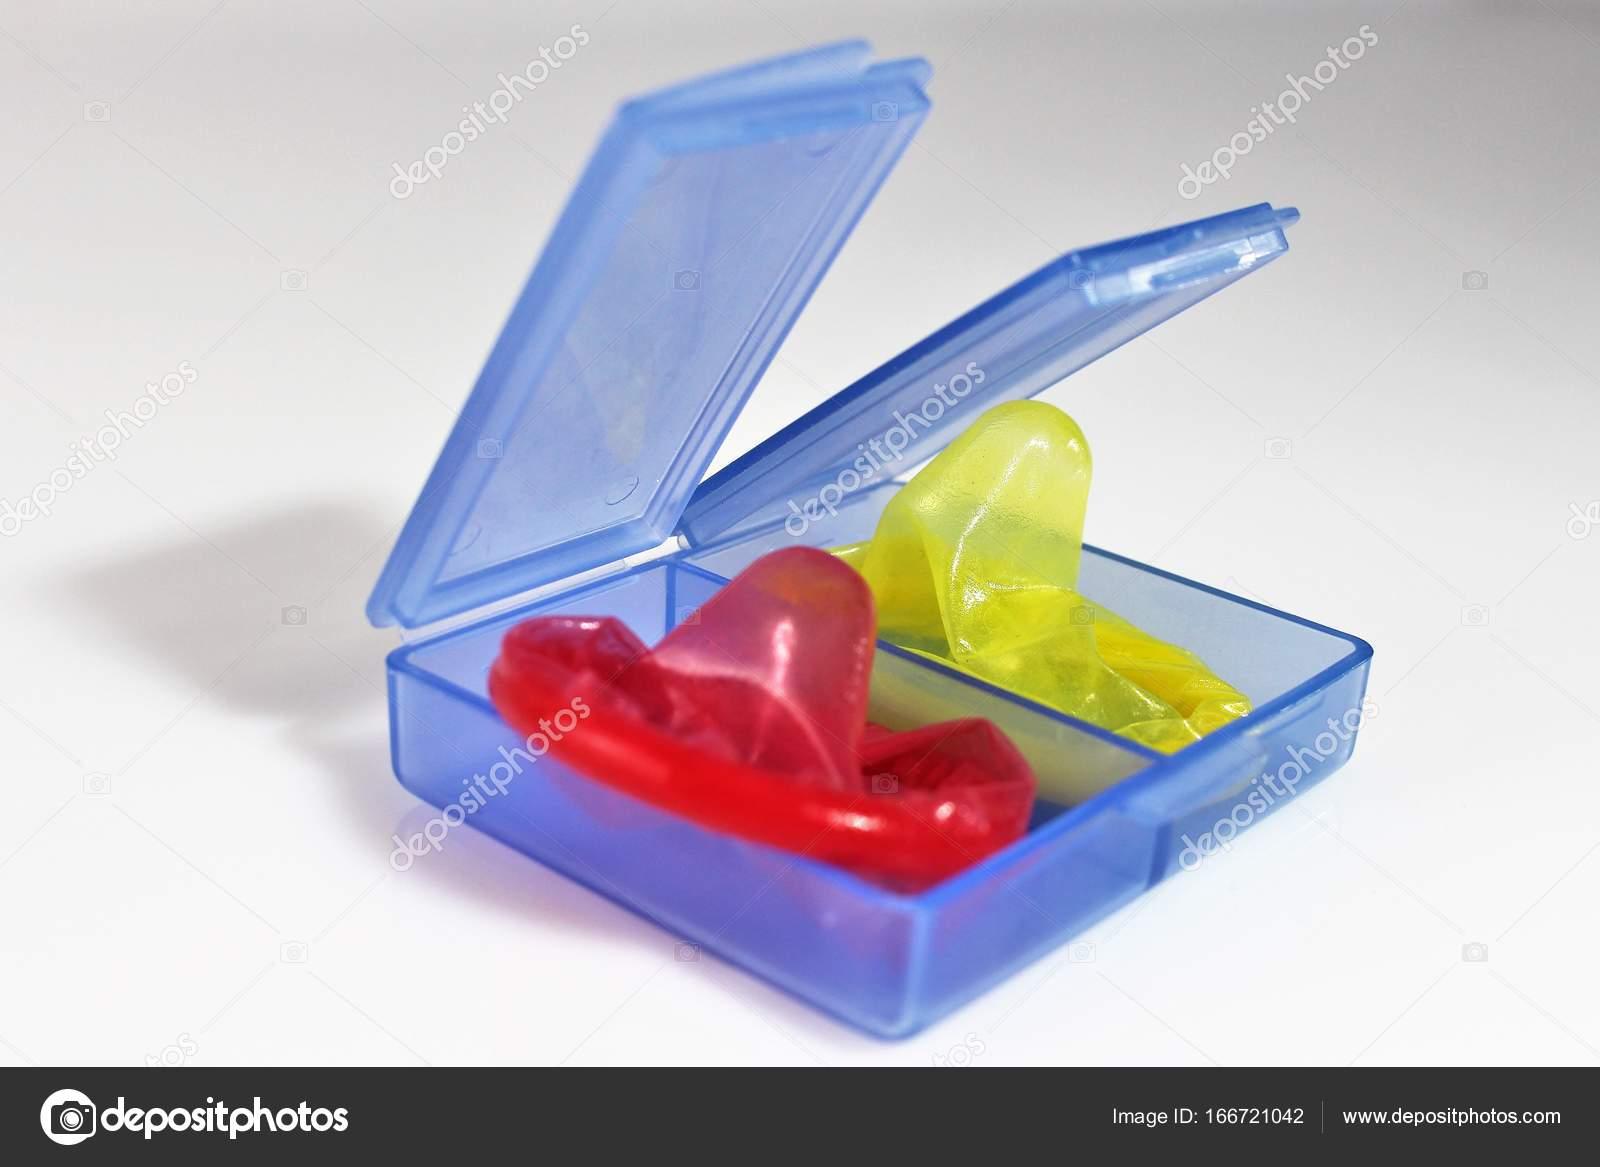 Kondom box